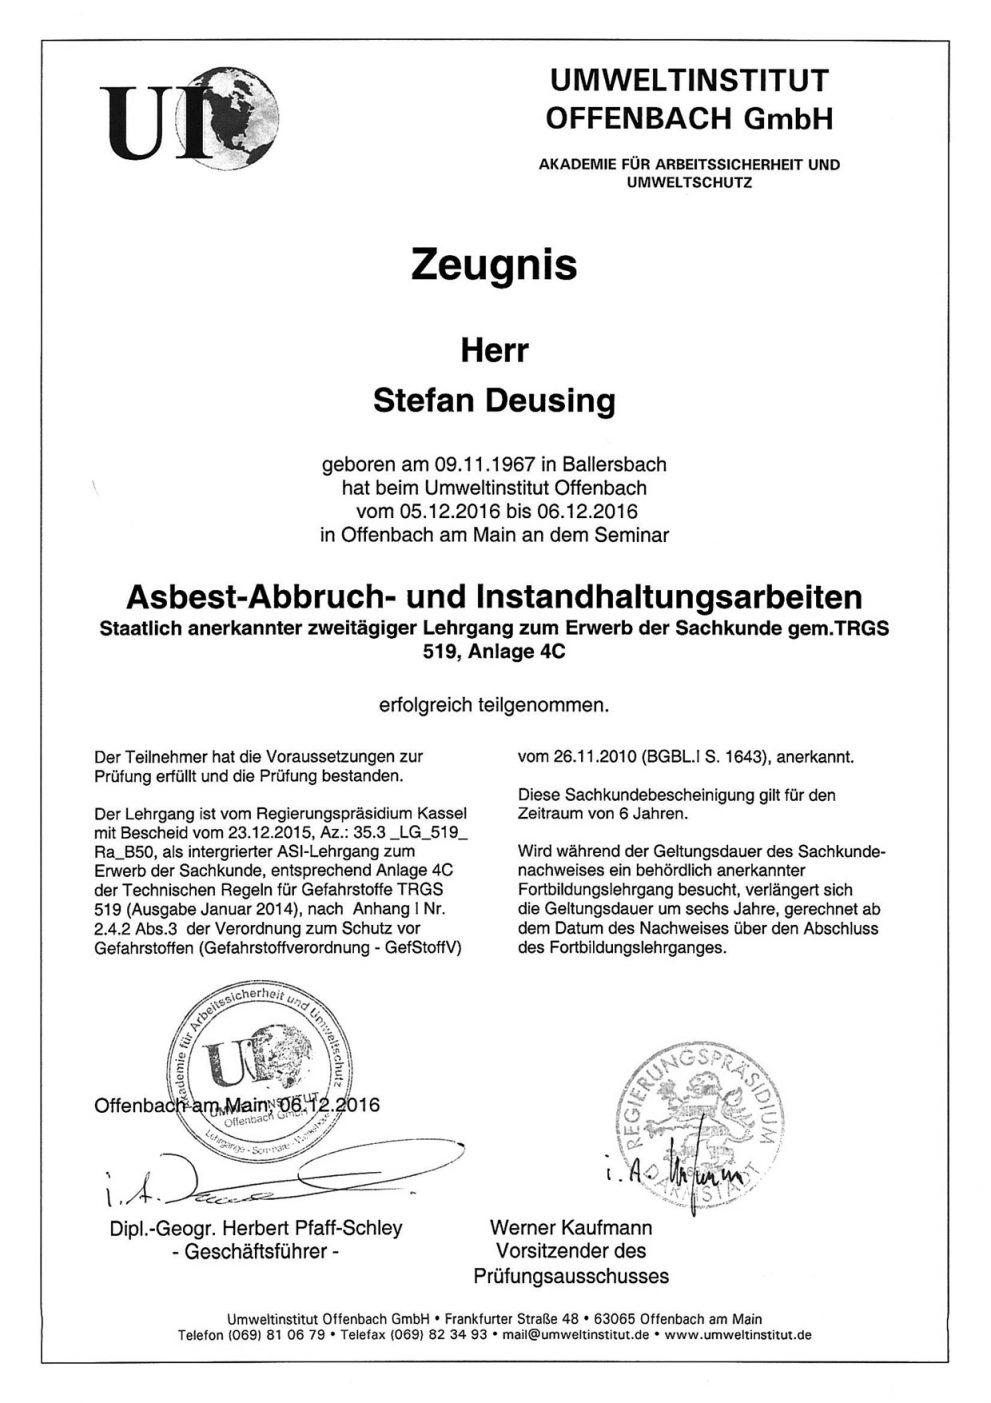 zeugnis-asbest-abbruch-und-instandhaltungsarbeiten-seminar